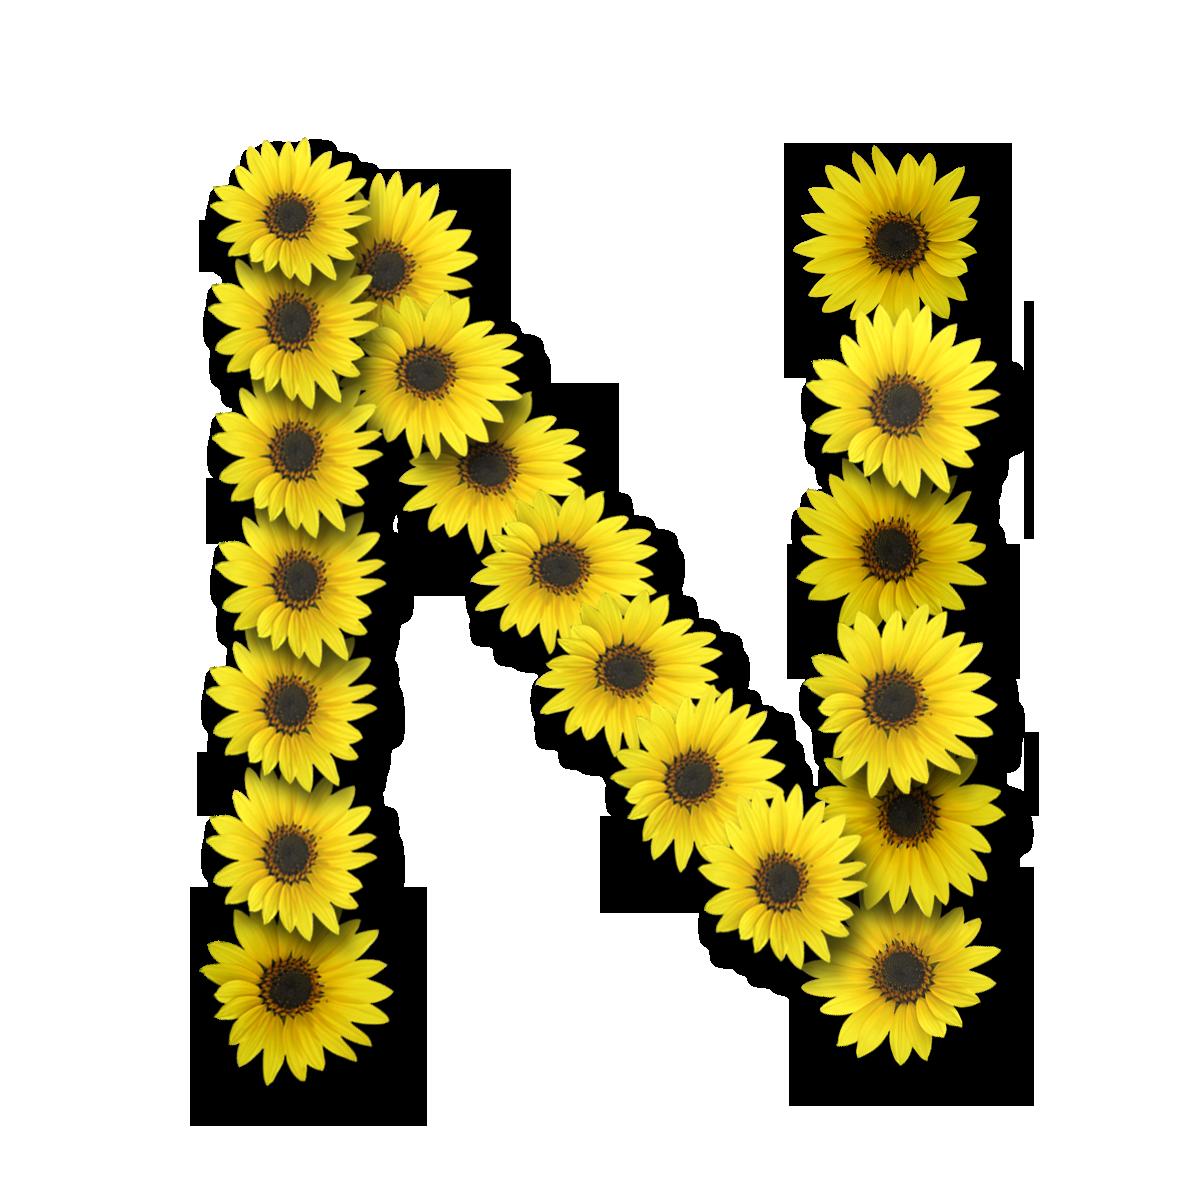 Letters N Wallpaper | PicsWallpaper.com